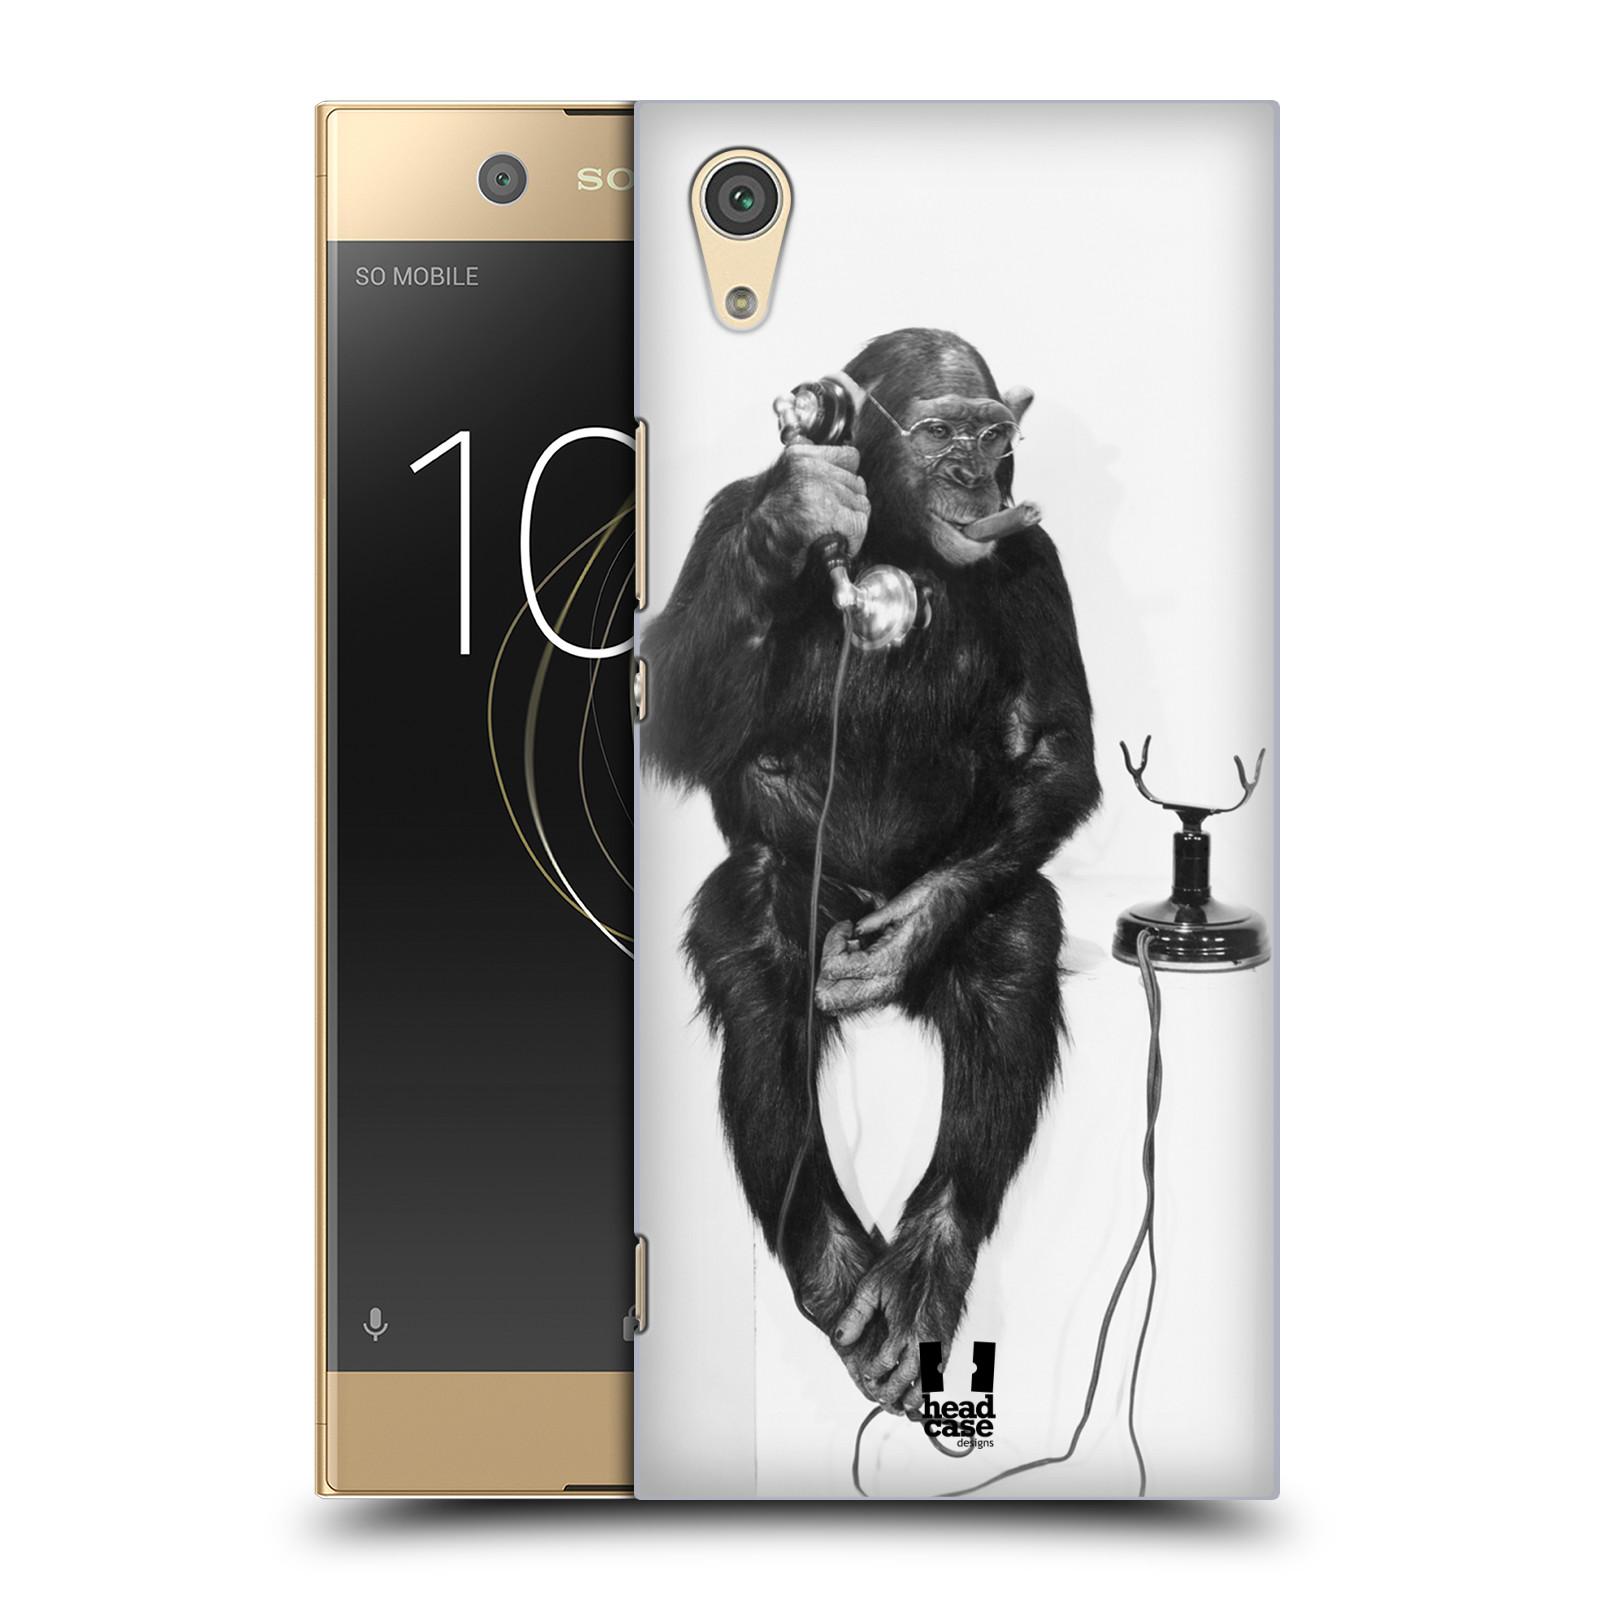 Plastové pouzdro na mobil Sony Xperia XA1 - Head Case - OPIČÁK S TELEFONEM (Plastový kryt či obal na mobilní telefon Sony Xperia XA1 G3121 s motivem OPIČÁK S TELEFONEM)